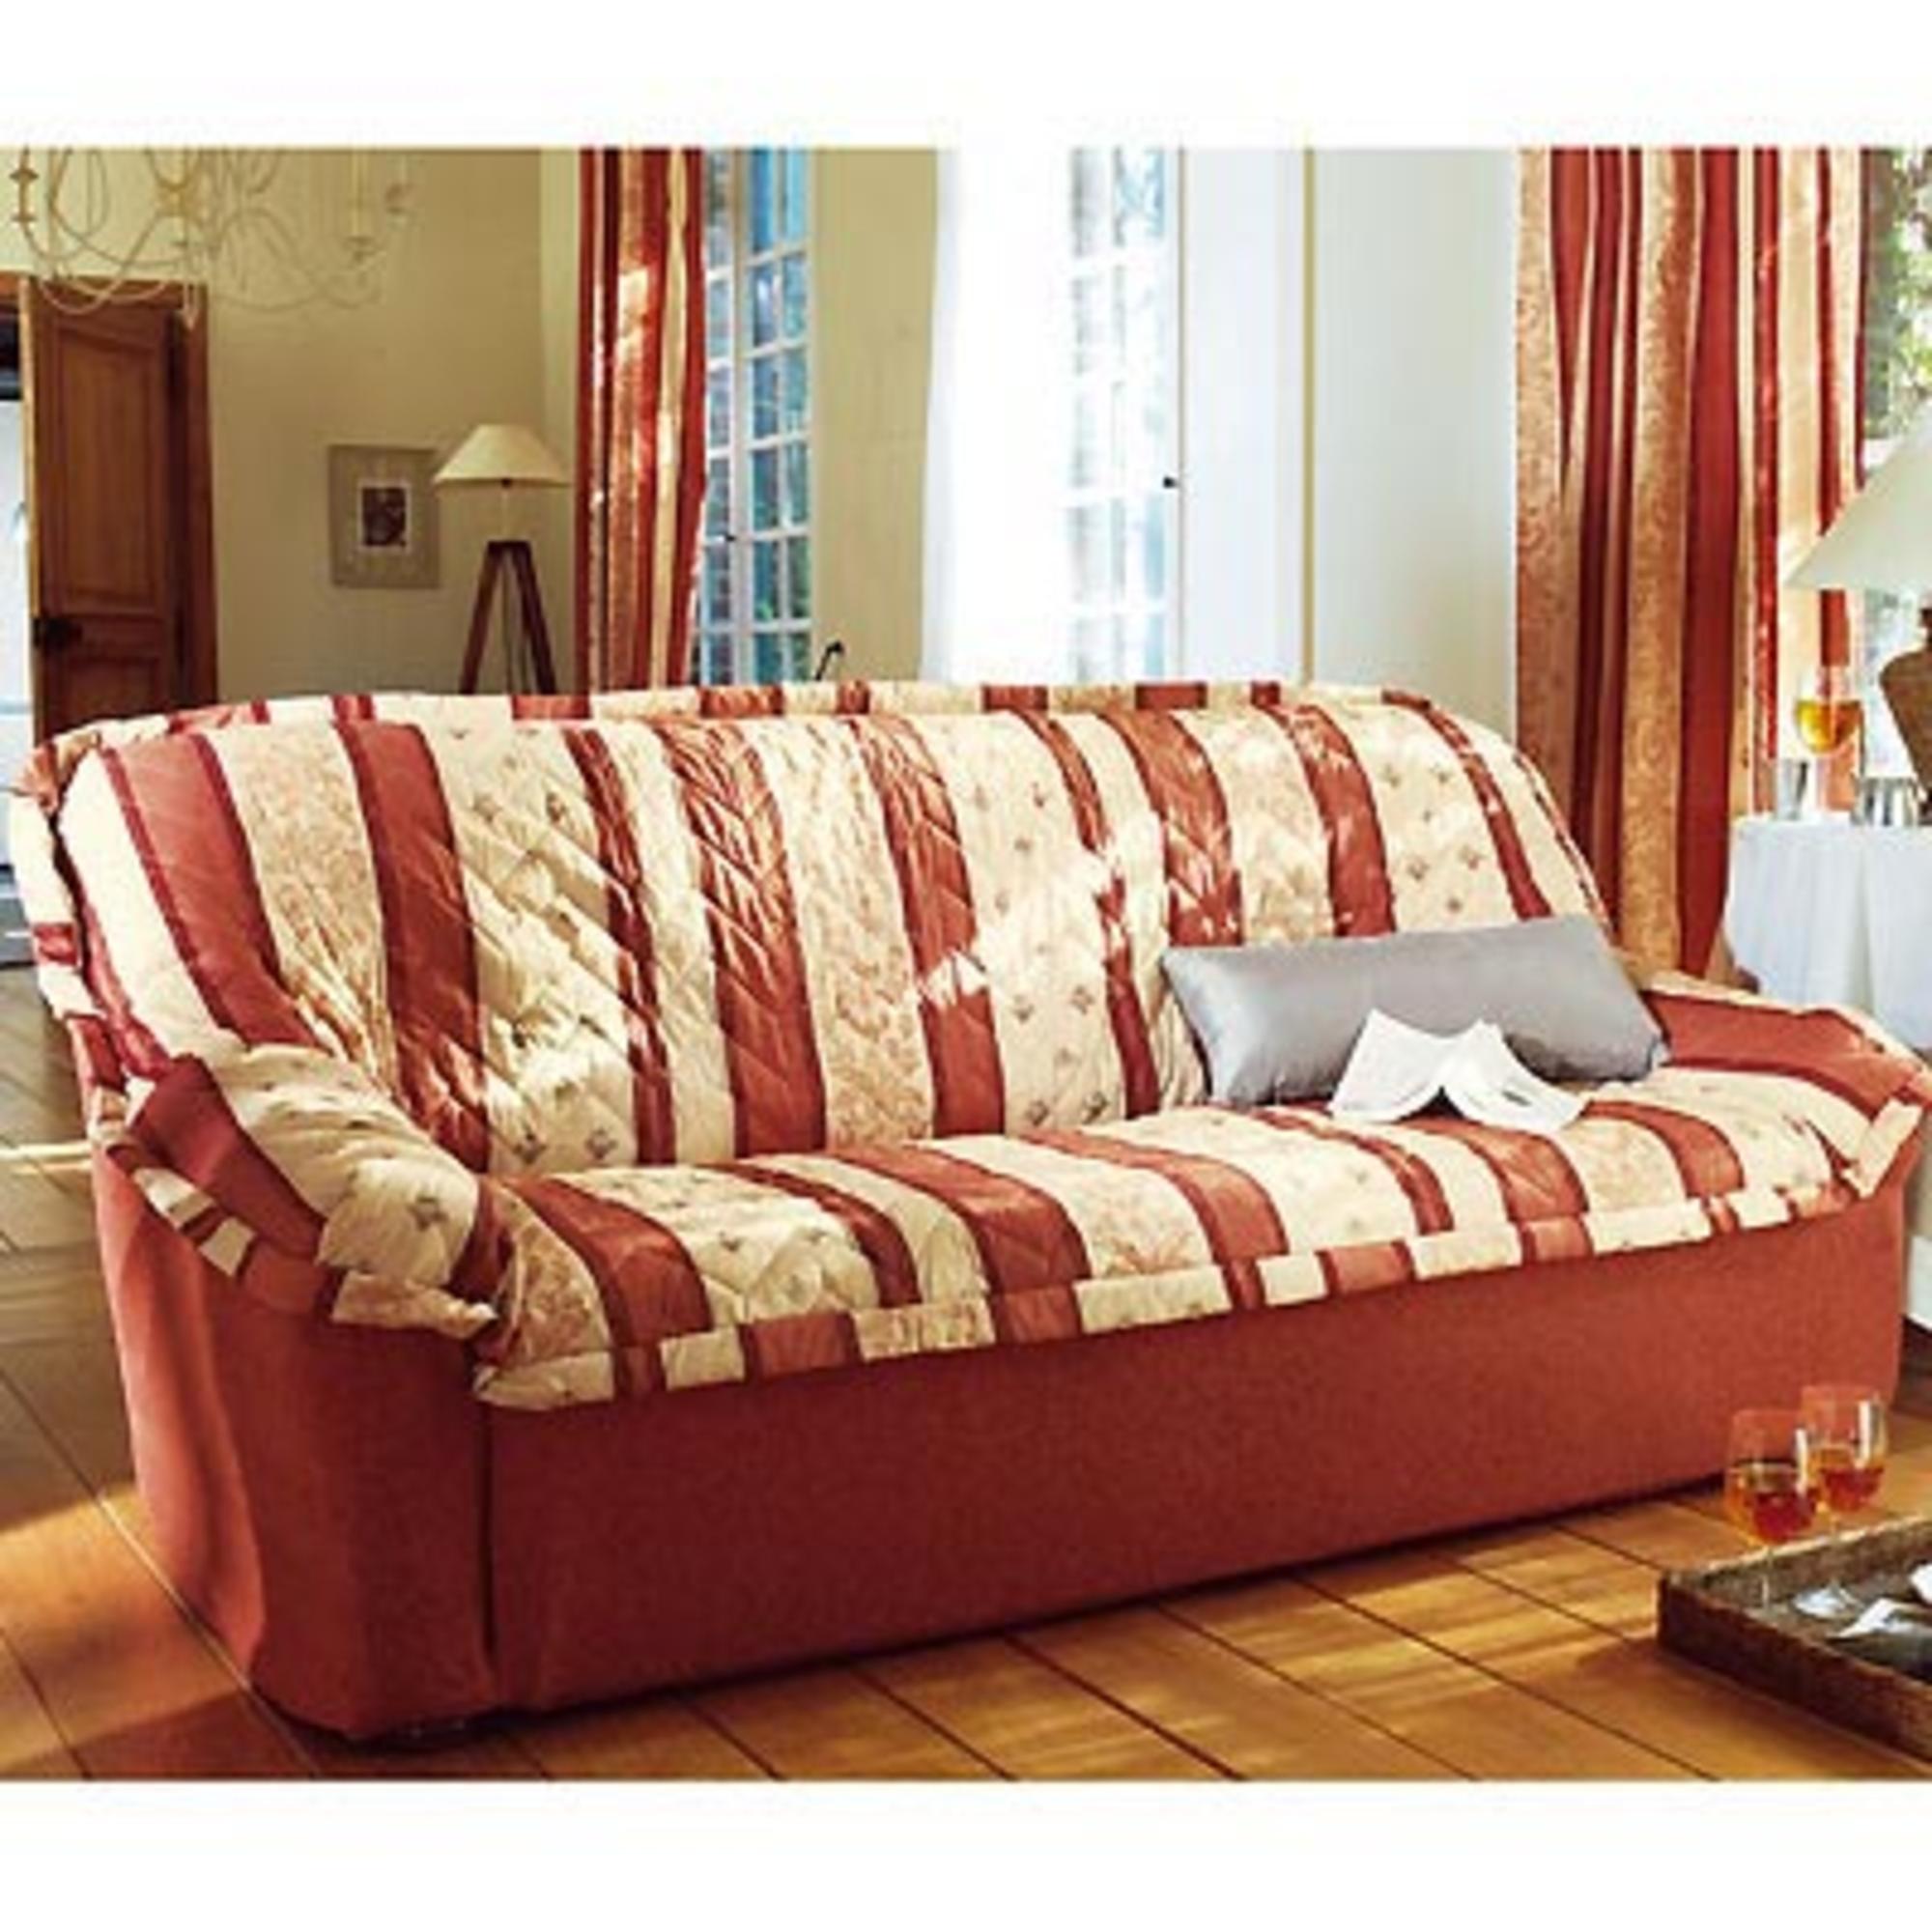 housse canap matelass e milan rouge frais de traitement de commande offerts acheter ce. Black Bedroom Furniture Sets. Home Design Ideas